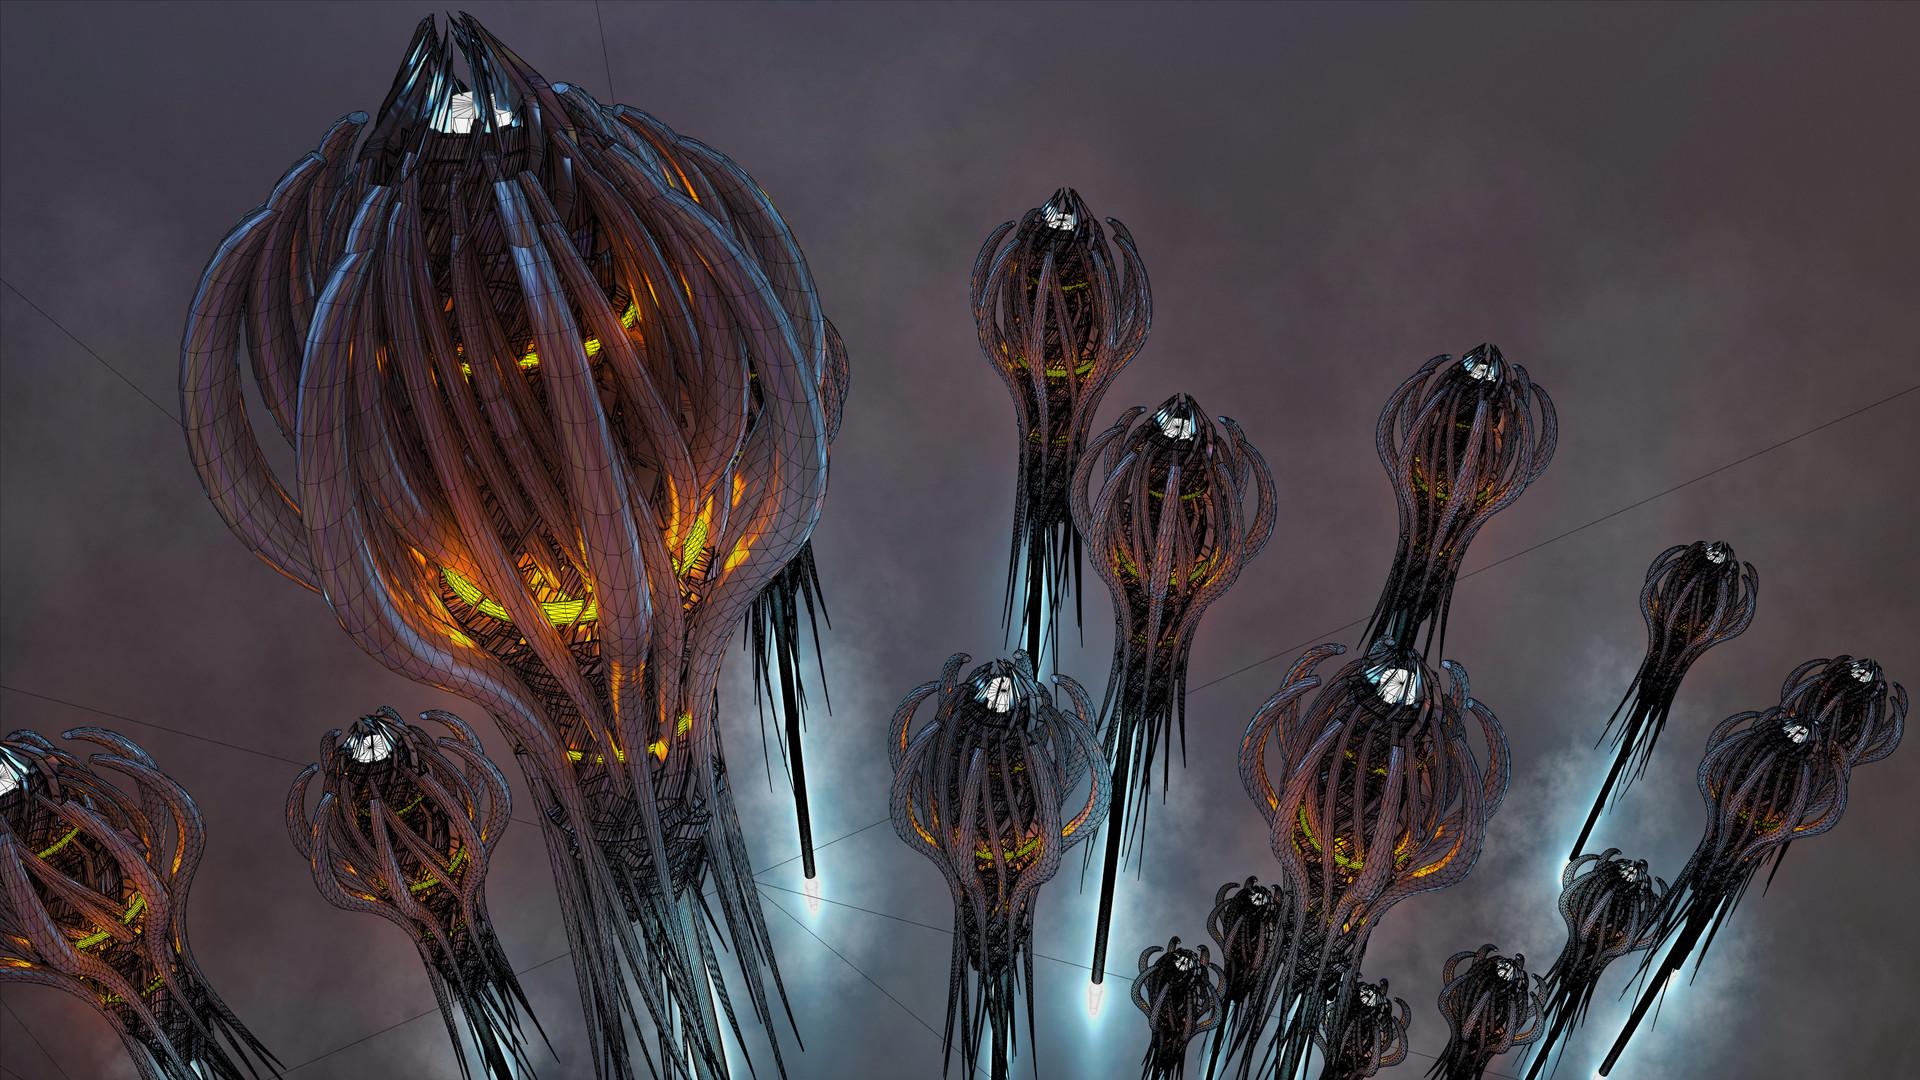 Kresimir jelusic robob3ar 242 110616 swarm wire2